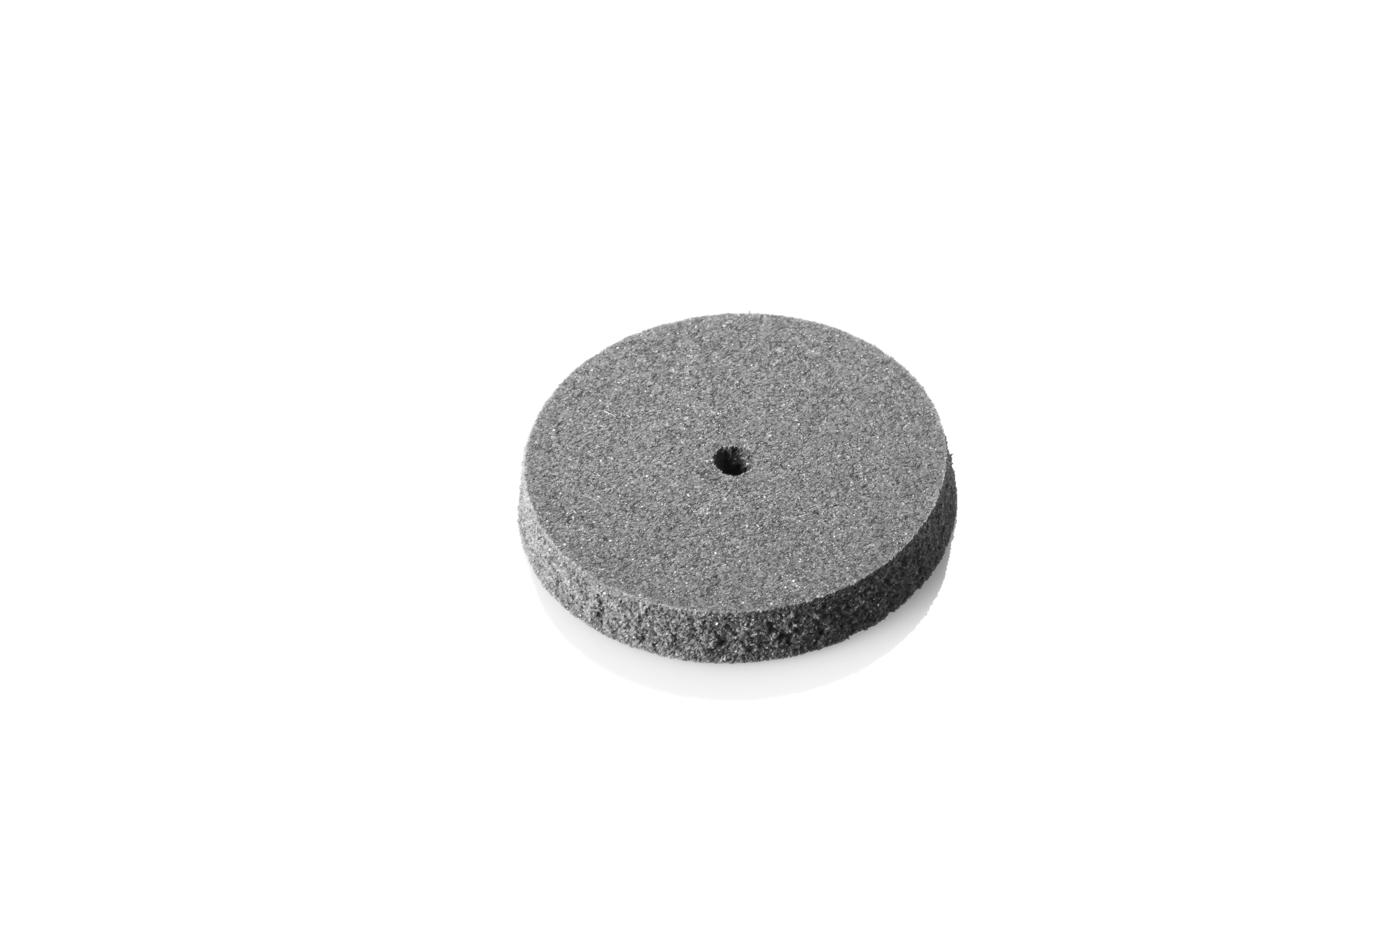 Pacific Abrasives Silicone Carbide 7/8